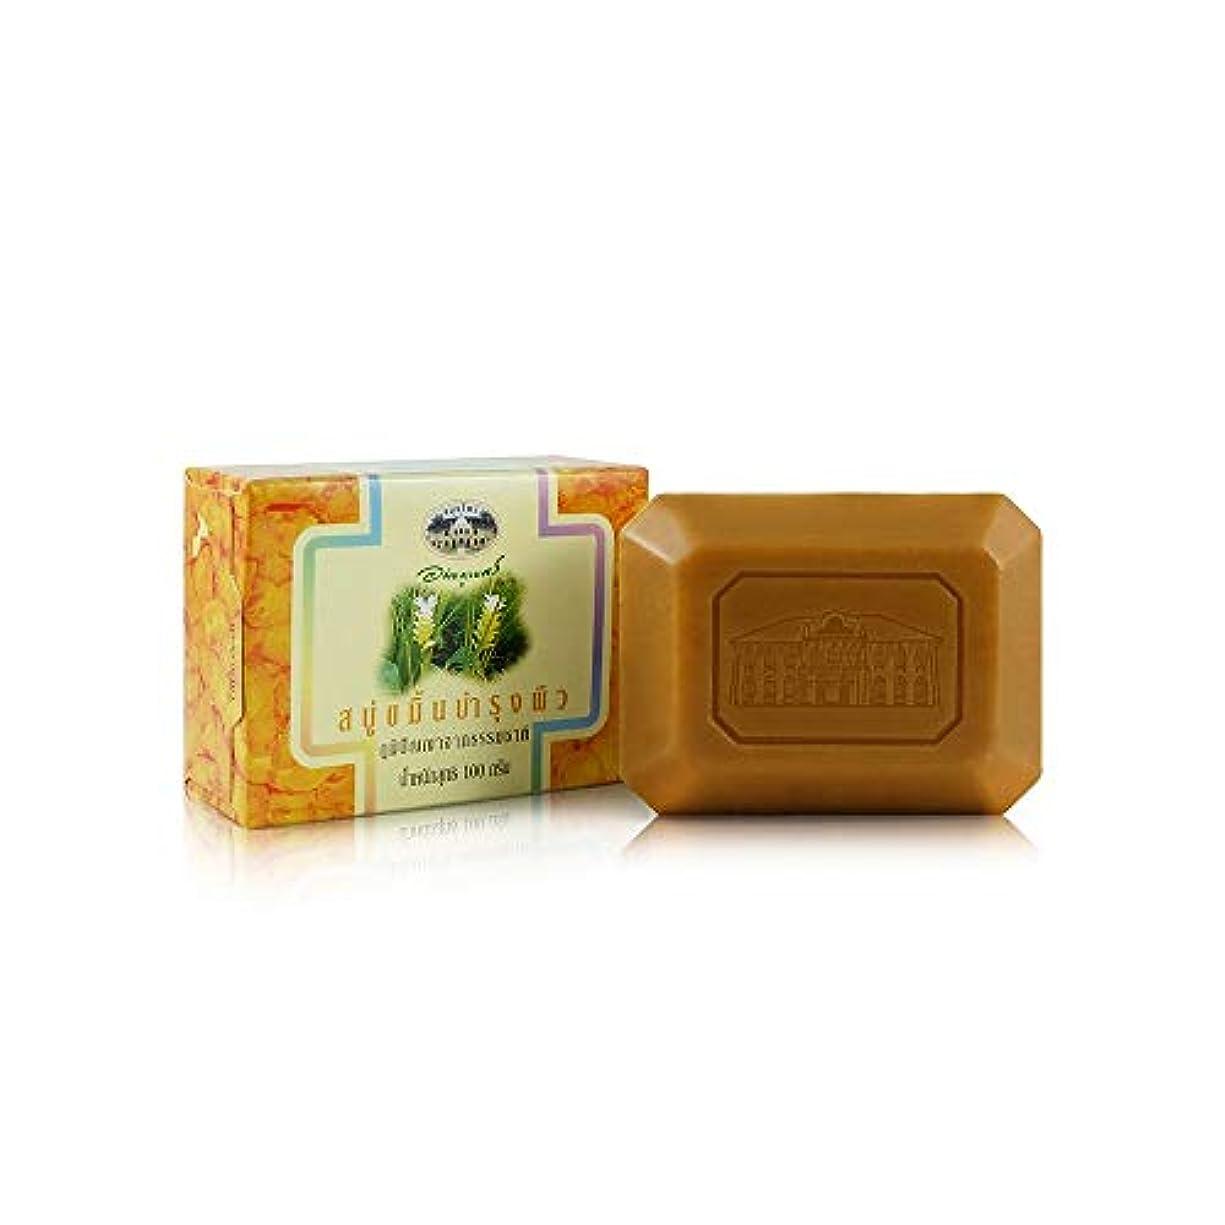 トレーニング慈悲深い固体Abhaibhubejhr Turmeric Herbal Body Cleansing Soap 100g. Abhaibhubejhrターメリックハーブボディクレンジングソープ100グラム。